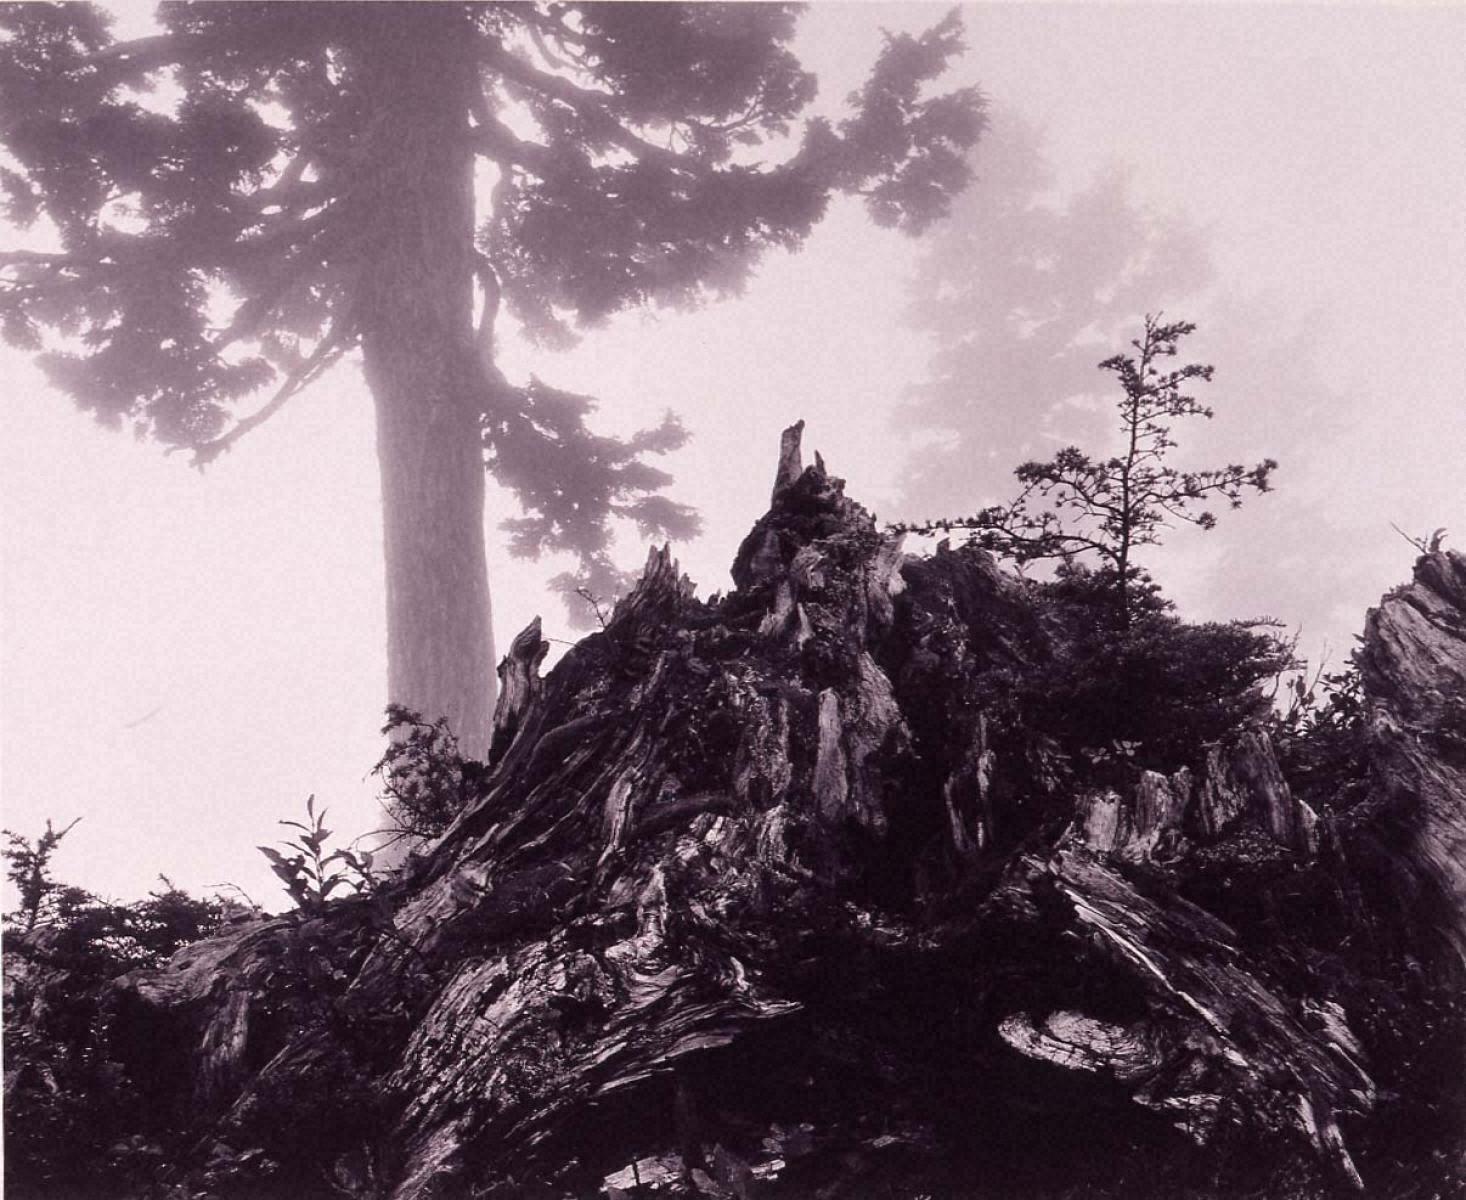 ポートフォリオⅦ: 木の切り株と薄霧